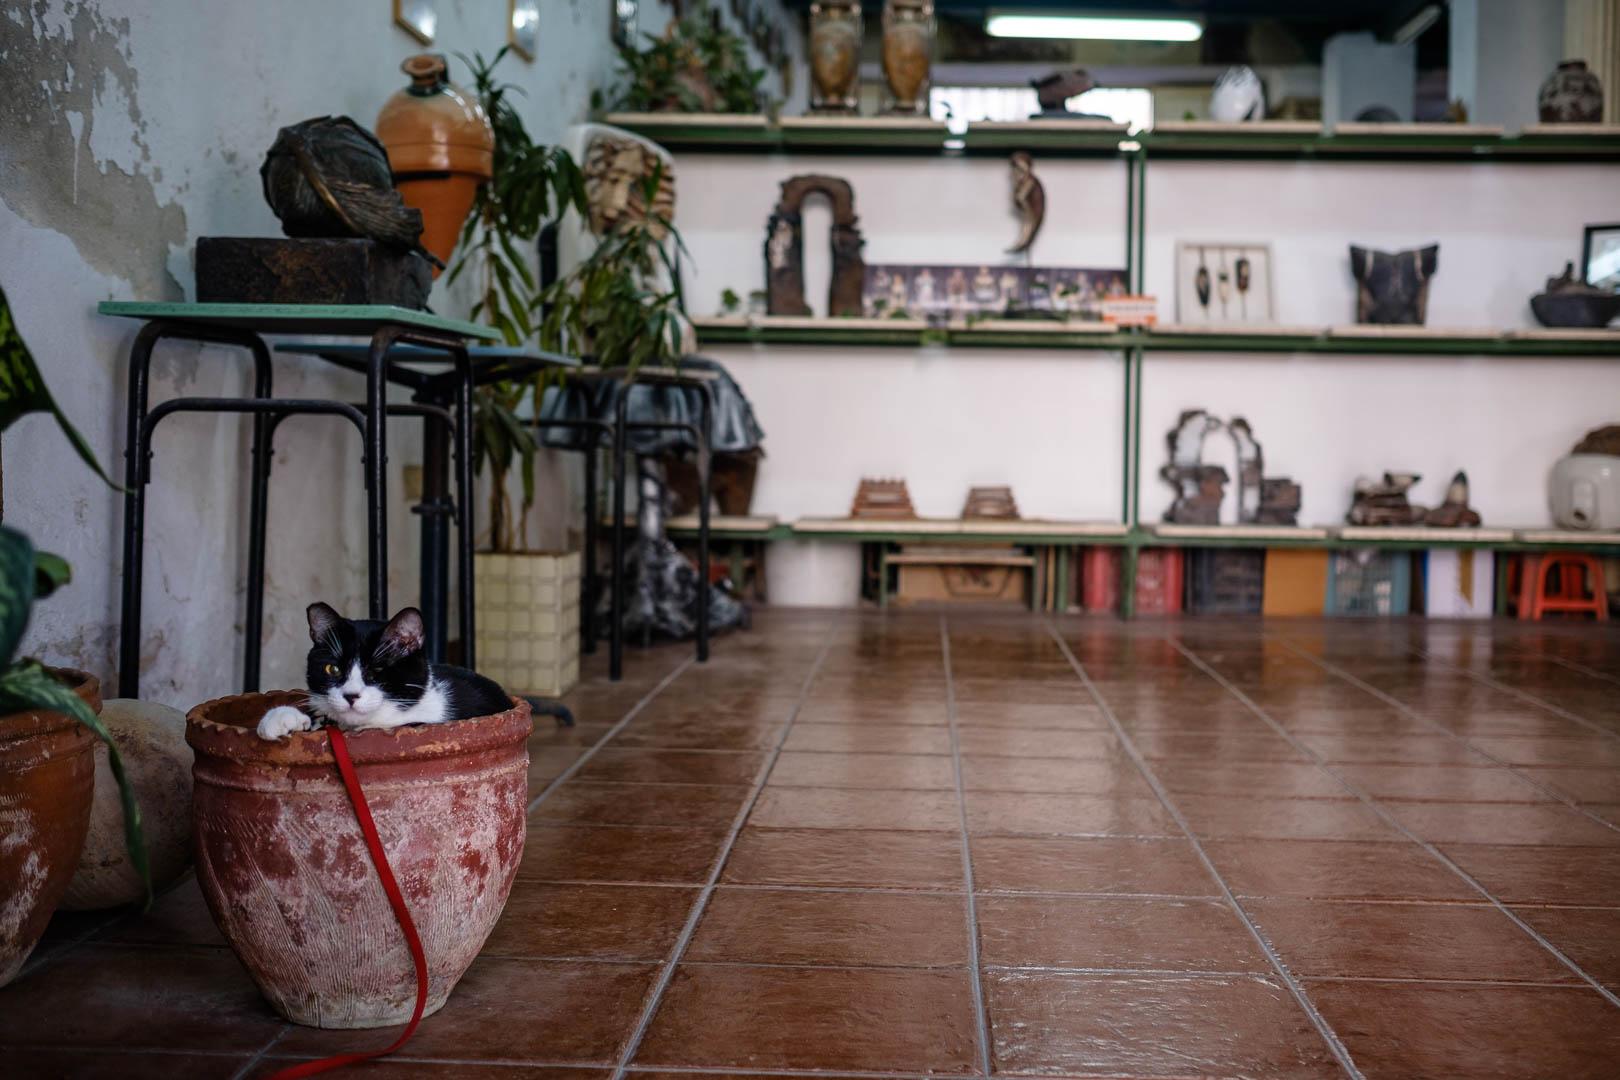 180501-Havana-326-1080.jpg